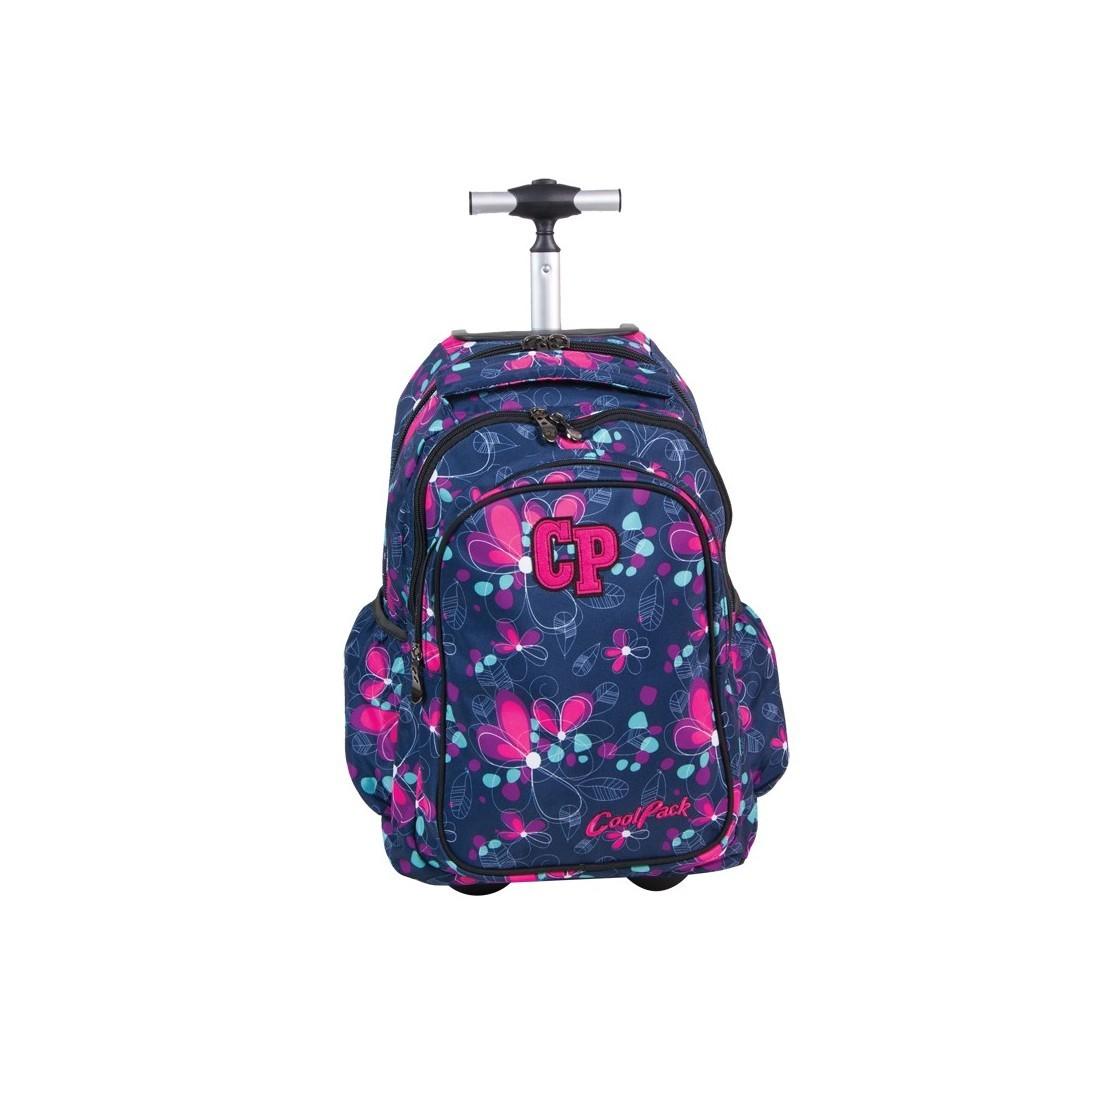 Plecak CoolPack na kółkach dla dziewczynki w kwiatki - CP 201